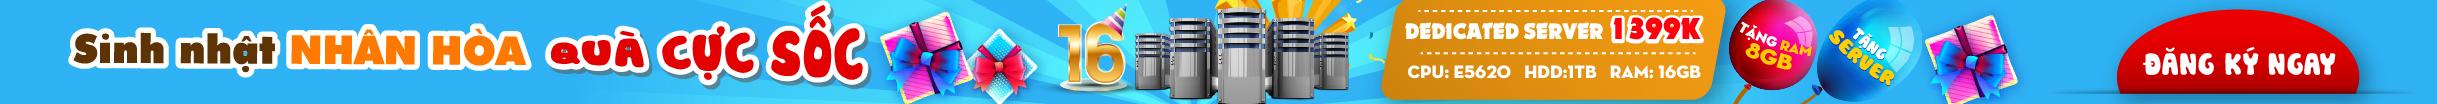 Thuê máy chủ Server Riêng Giá Rẻ Bảo Mật Tốt Nhất Nhân Hòa